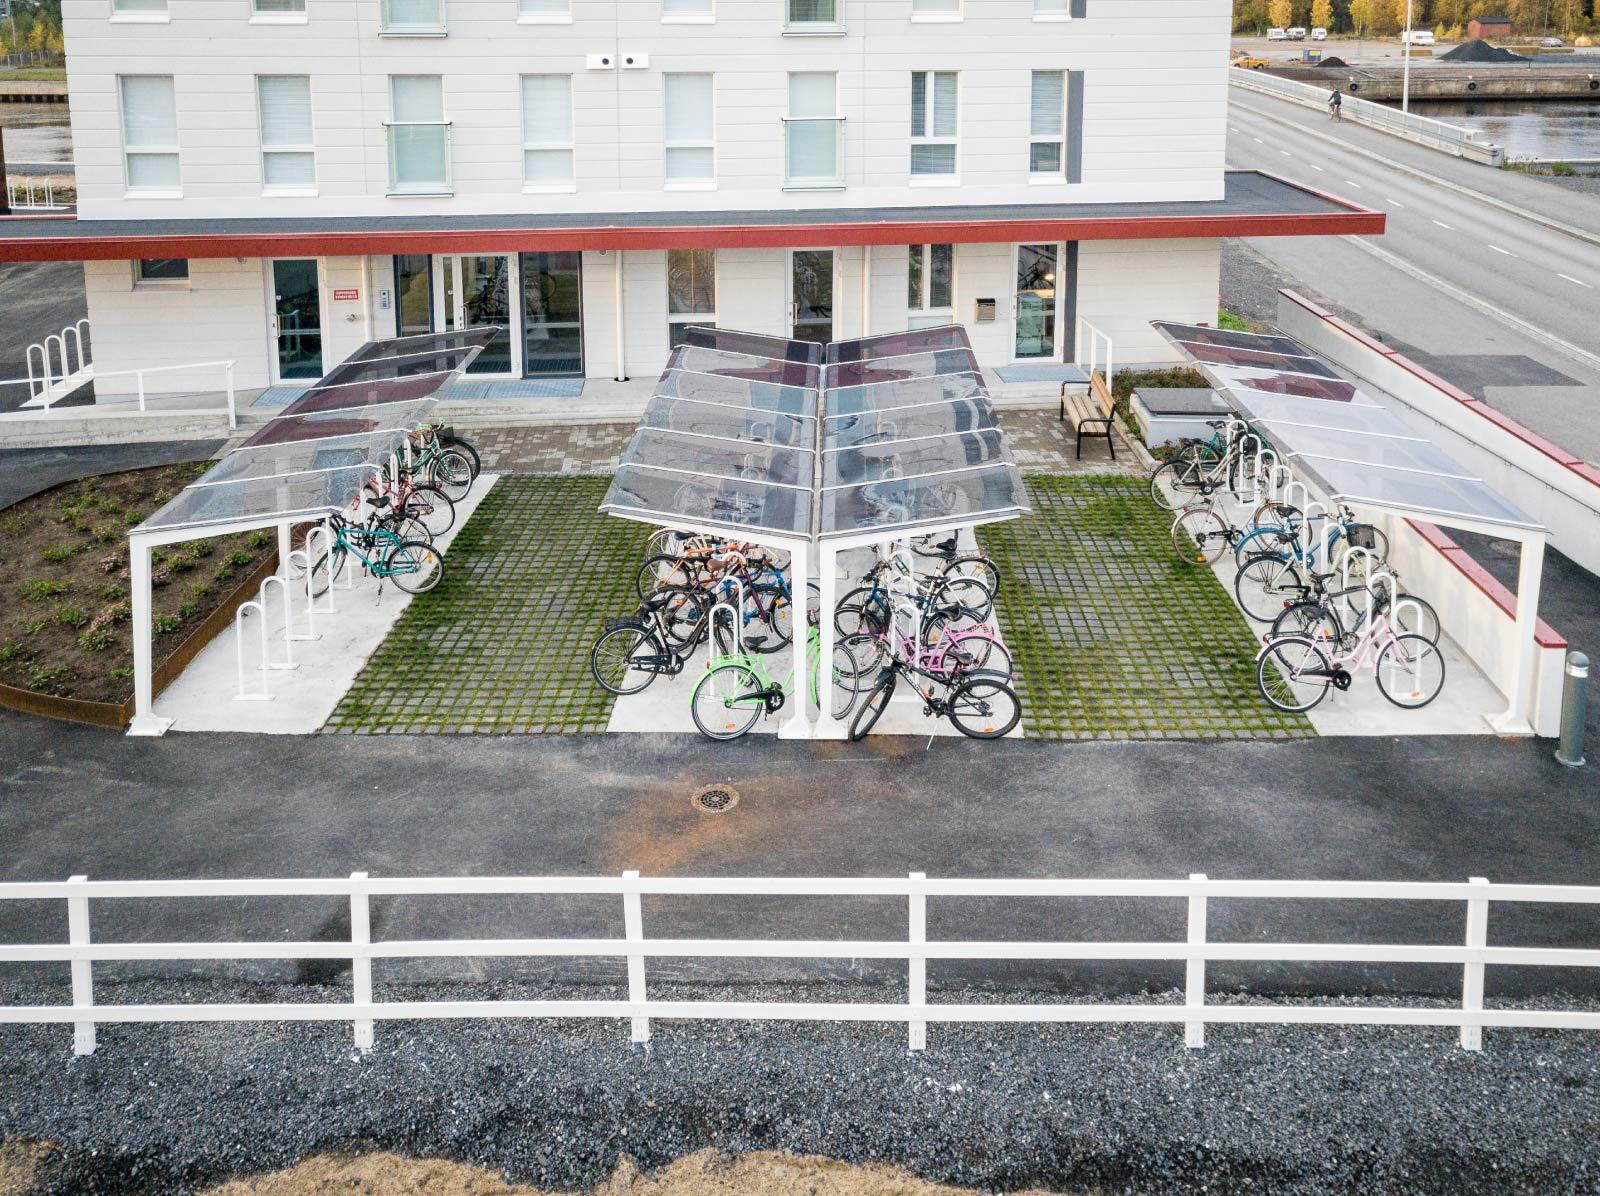 Cyklos LIGHT Cykeltak och väderskydd i Finland med flera parkerade cyklar